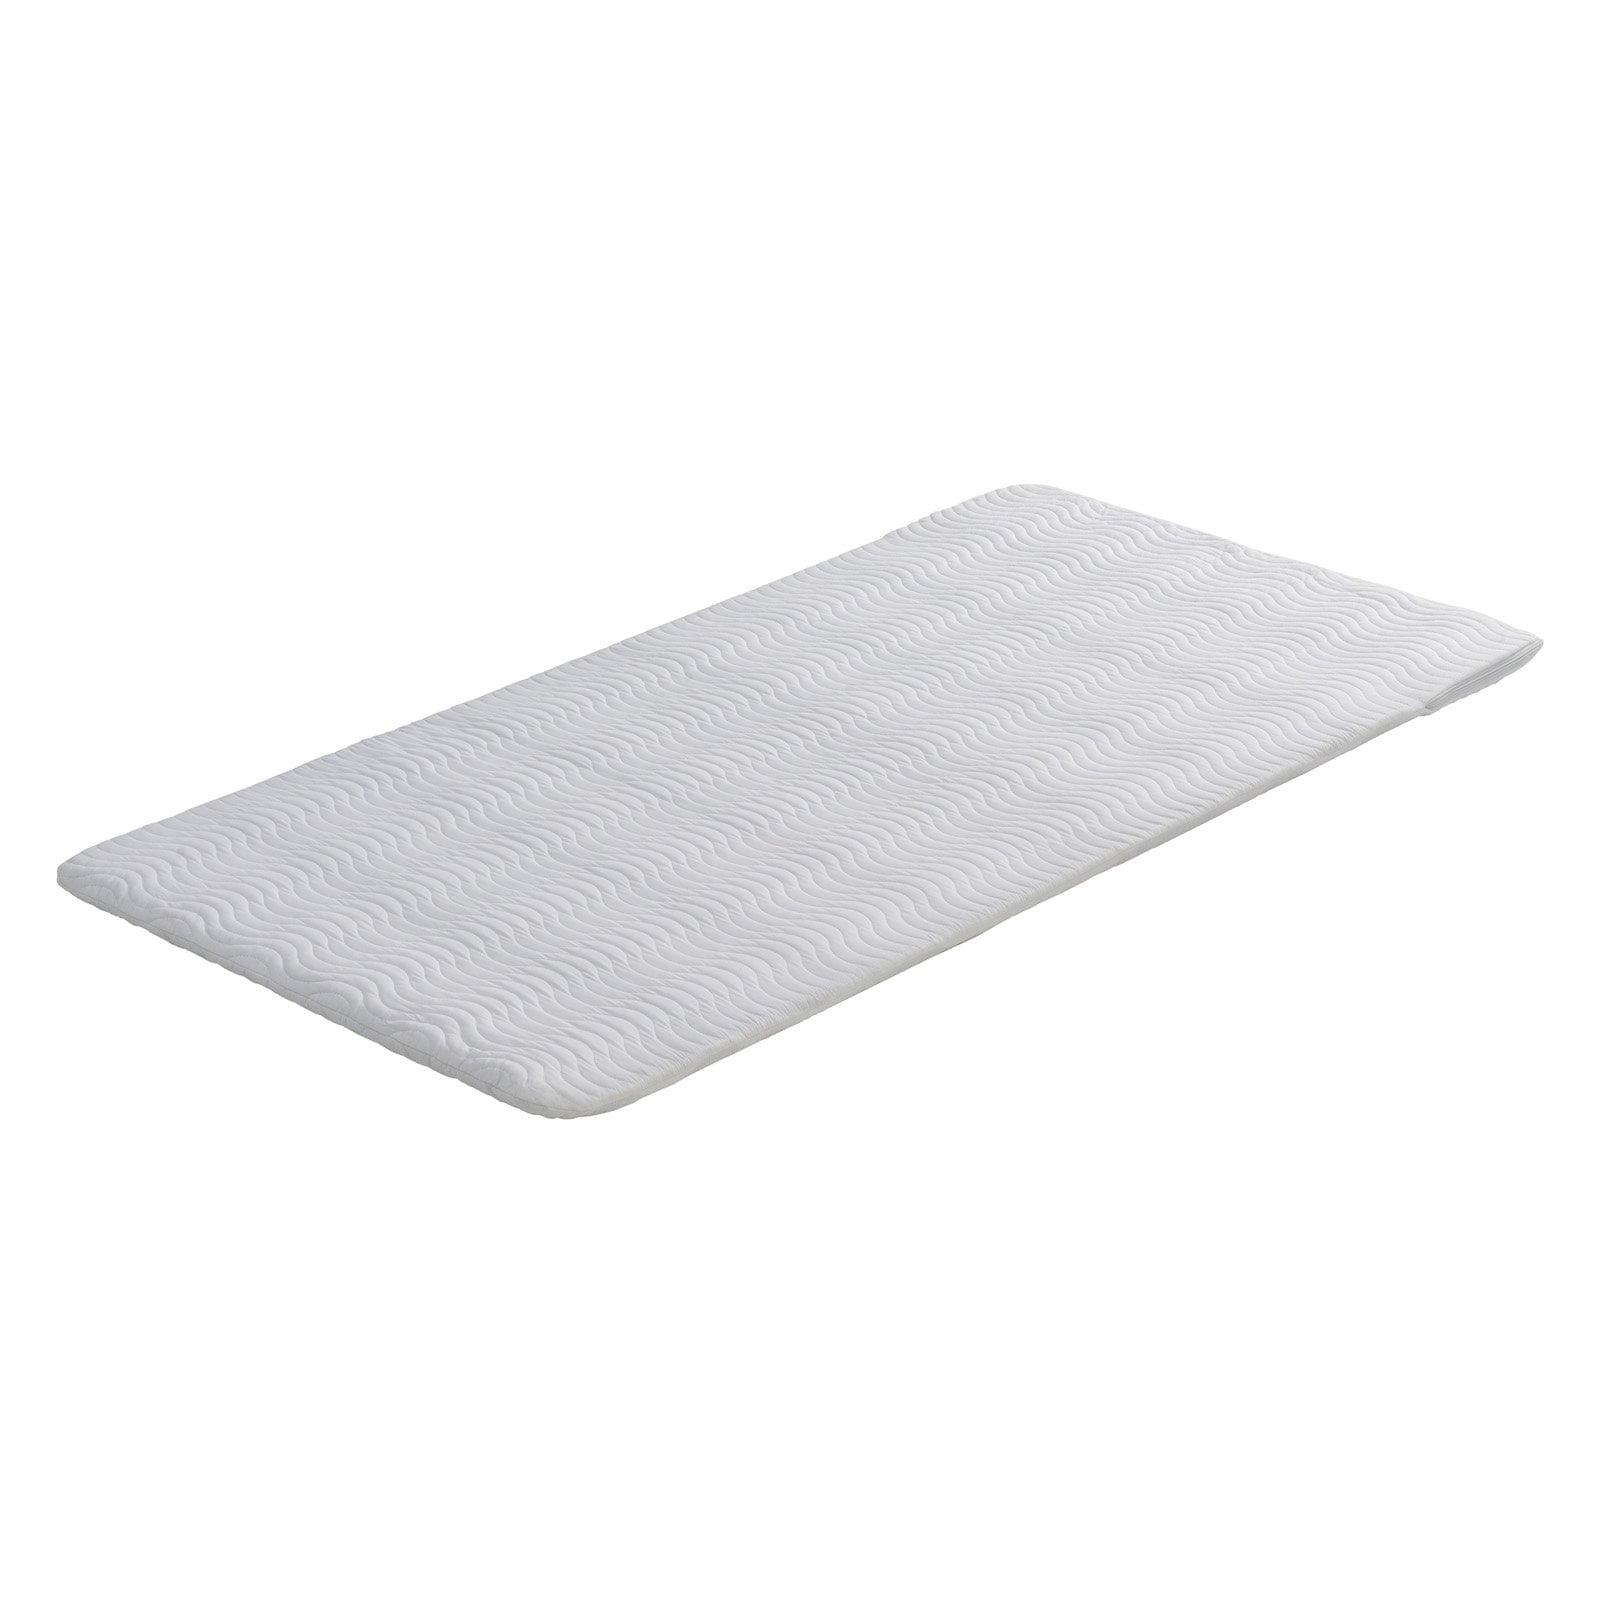 Signature Sleep Ultra Steel Bunkie Board Walmart